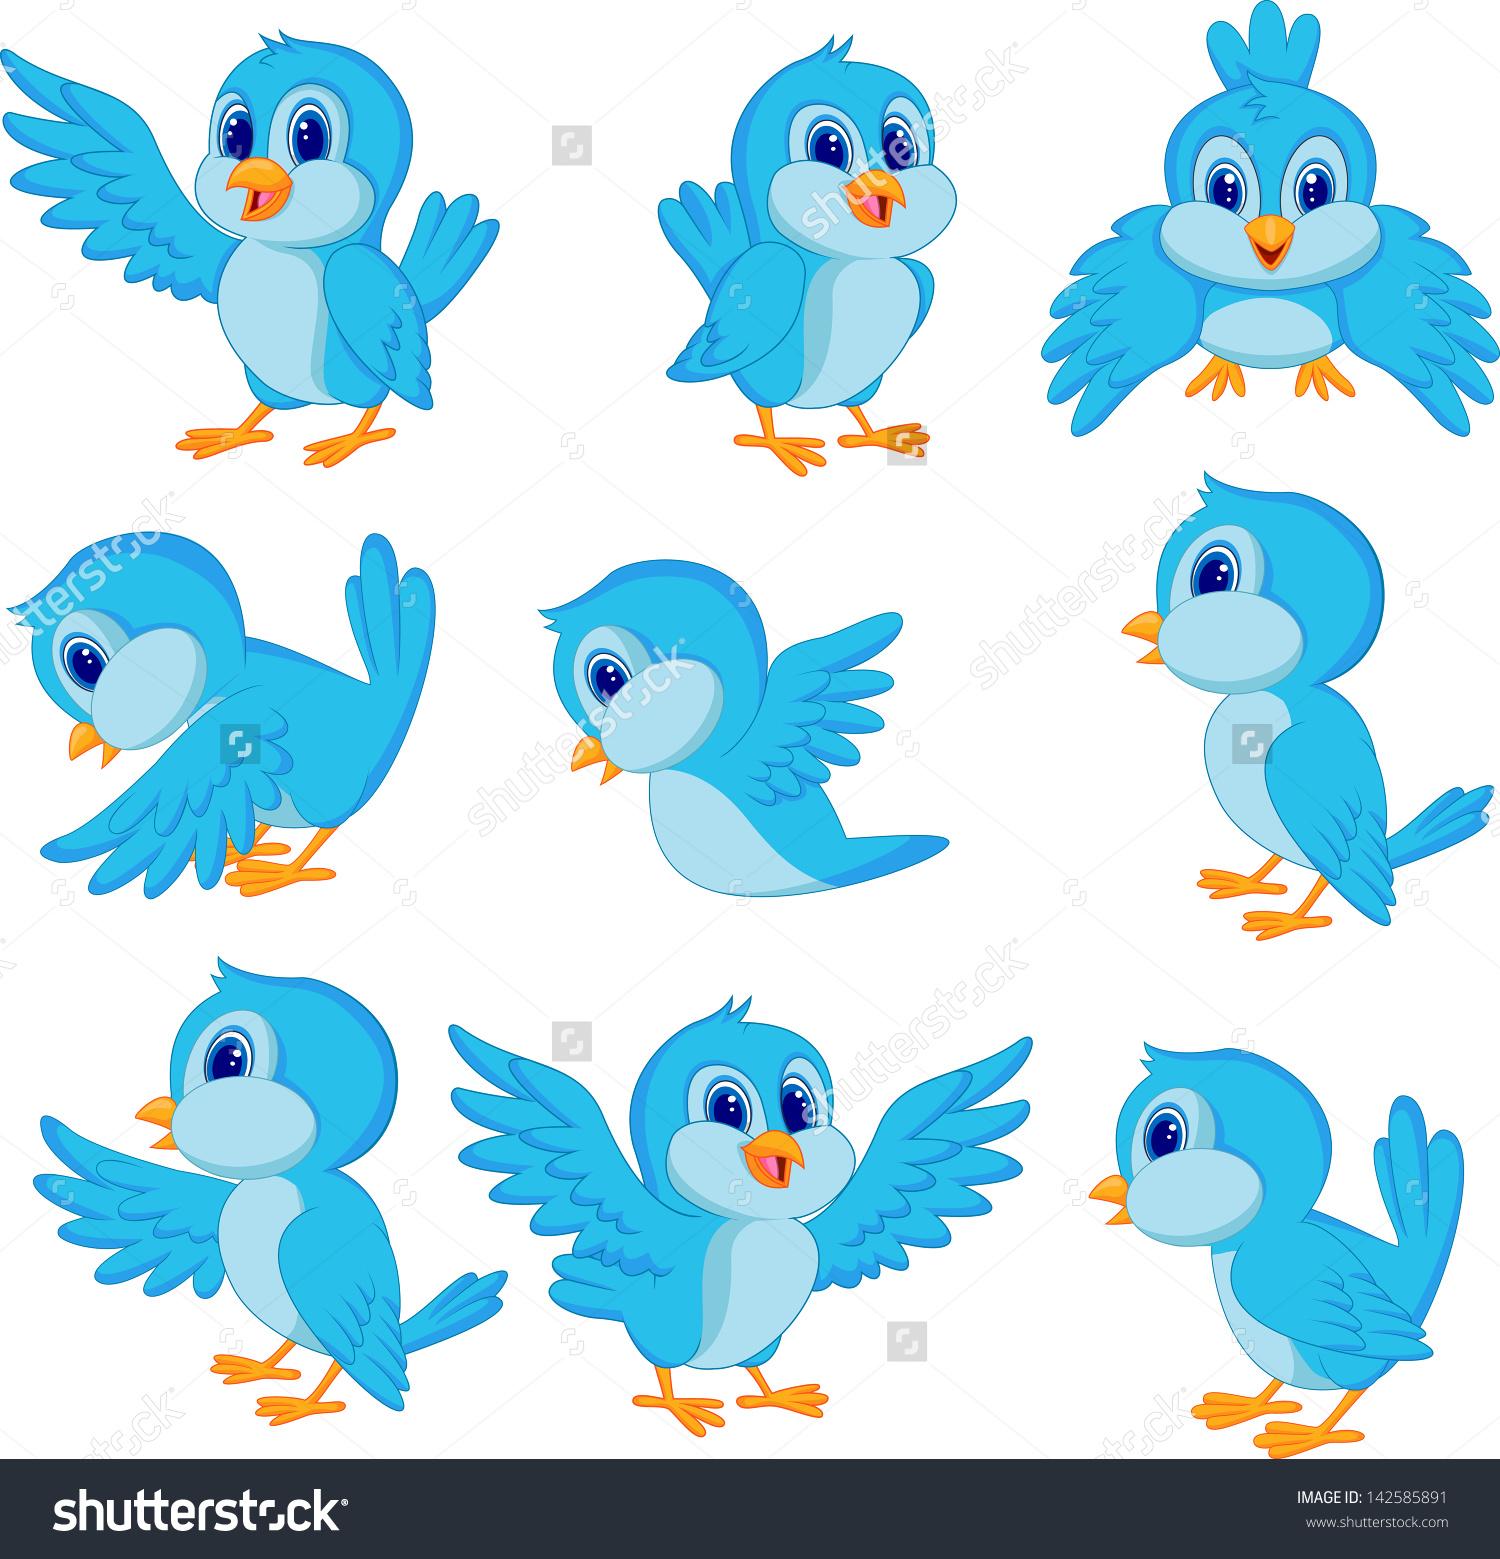 Flying Bird Clipart Cute Birds 1500×1559 Attachment.